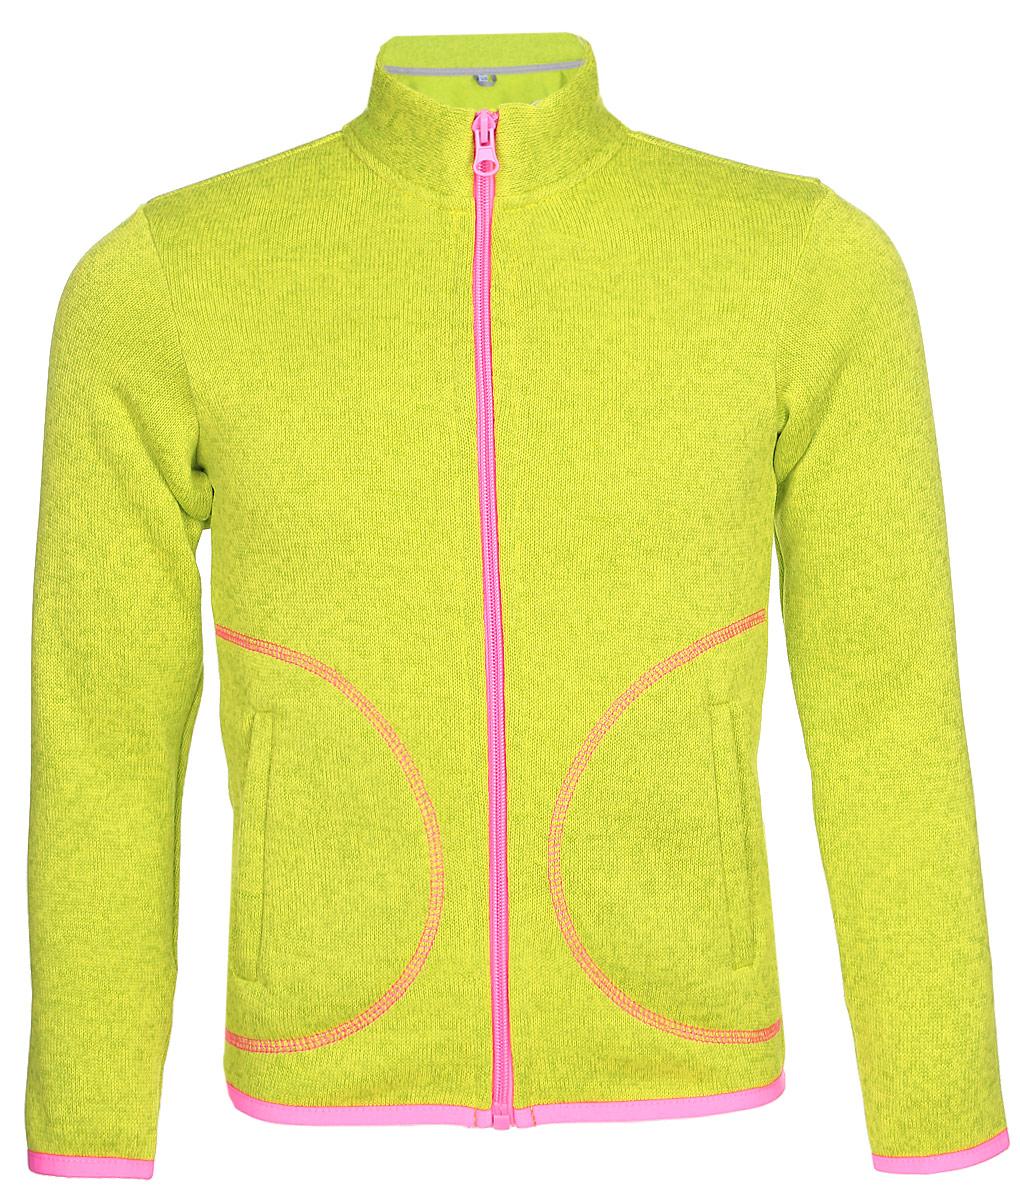 Толстовка флисовая для девочки Oldos Active Агата, цвет: лимонный. 4К1705. Размер 98, 3 года4К1705Толстовка OLDOS ACTIVE Агата на молнии из вязаного флиса для девочки. С внешней стороны флис имеет вязаную фактуру, с внутренней - ворсистую. Вязаный флис эффективно отводит влагу, защищает от ветра, держит тепло и позволяет коже дышать. Воротник-стойка хорошо прилегает и закрывает шею ребенка от ветра. Изнутри шов воротника укреплен х/б лентой, что предотвращает деформацию и натирание. Низ рукавов и кофты окантованы эластичной тесьмой, есть карманы. Толстовка приятна телу, мягкая и легкая, в ней будет комфортно и тепло на улице и в помещении. Можно использовать в качестве второго слоя в осенне-зимний период.